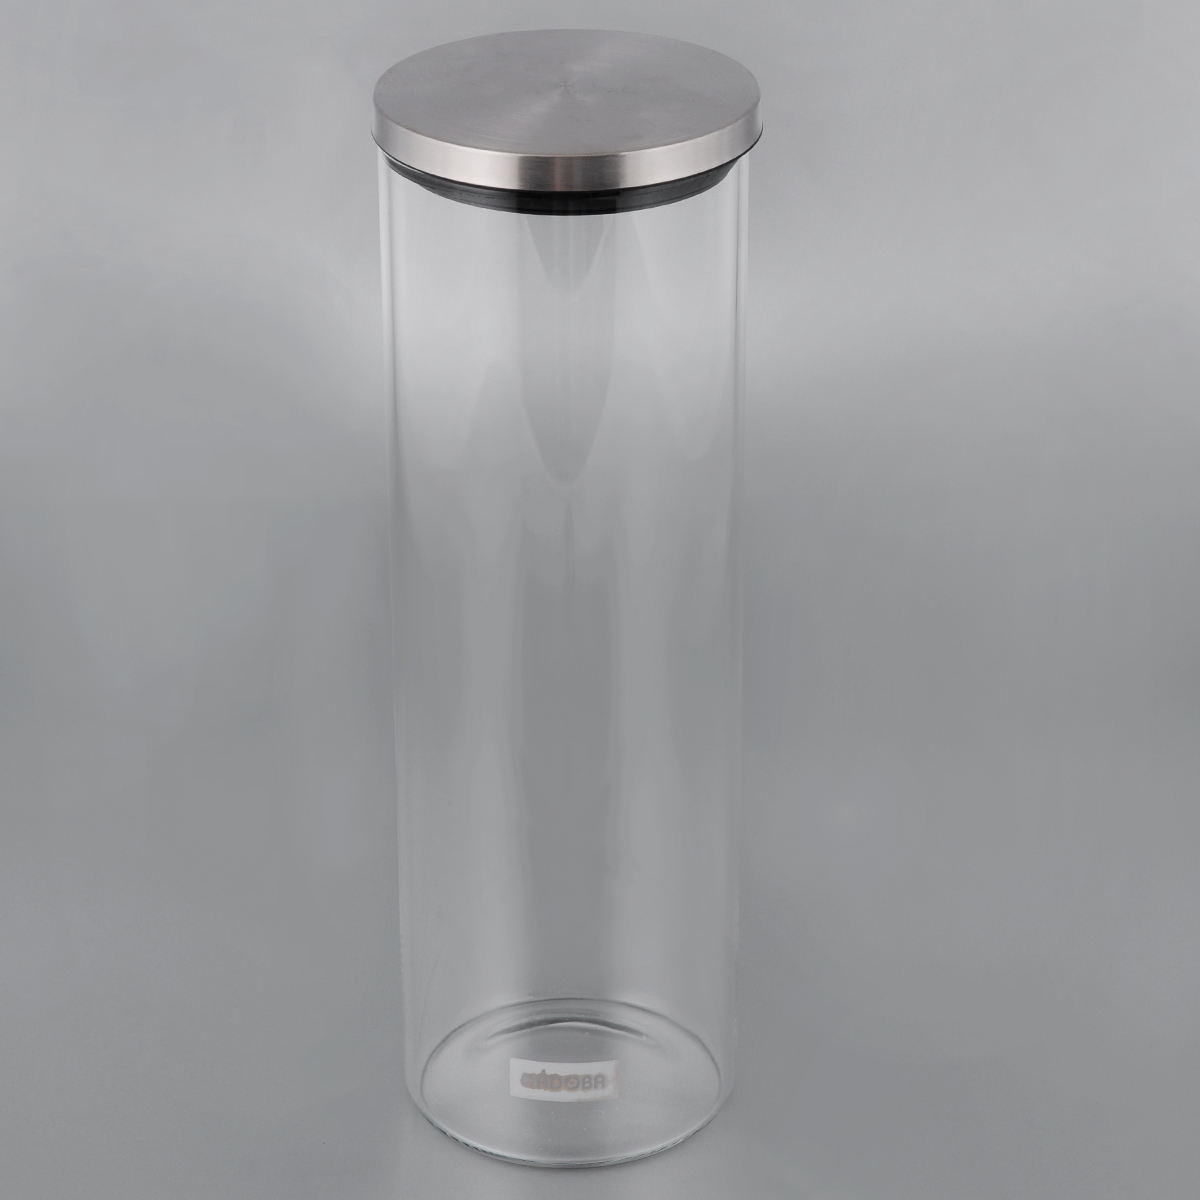 Емкость для сыпучих продуктов Nadoba Silvana, 1,65 л741410Емкость Nadoba Silvana, изготовленная из высокопрочного стекла, оснащена стальной герметичной крышкой. Благодаря эргономичному дизайну изделие удобно брать одной рукой.Стенки емкости прозрачные - хорошо видно, что внутри. Изделие идеально подходит дляхранения различныхсыпучих продуктов: круп, макарон, специй, кофе, сахара, орехов, кондитерских изделий и многогодругого. Диаметр емкости (по верхнему краю): 9,5 см. Высота (без учета крышки): 28,5 см.